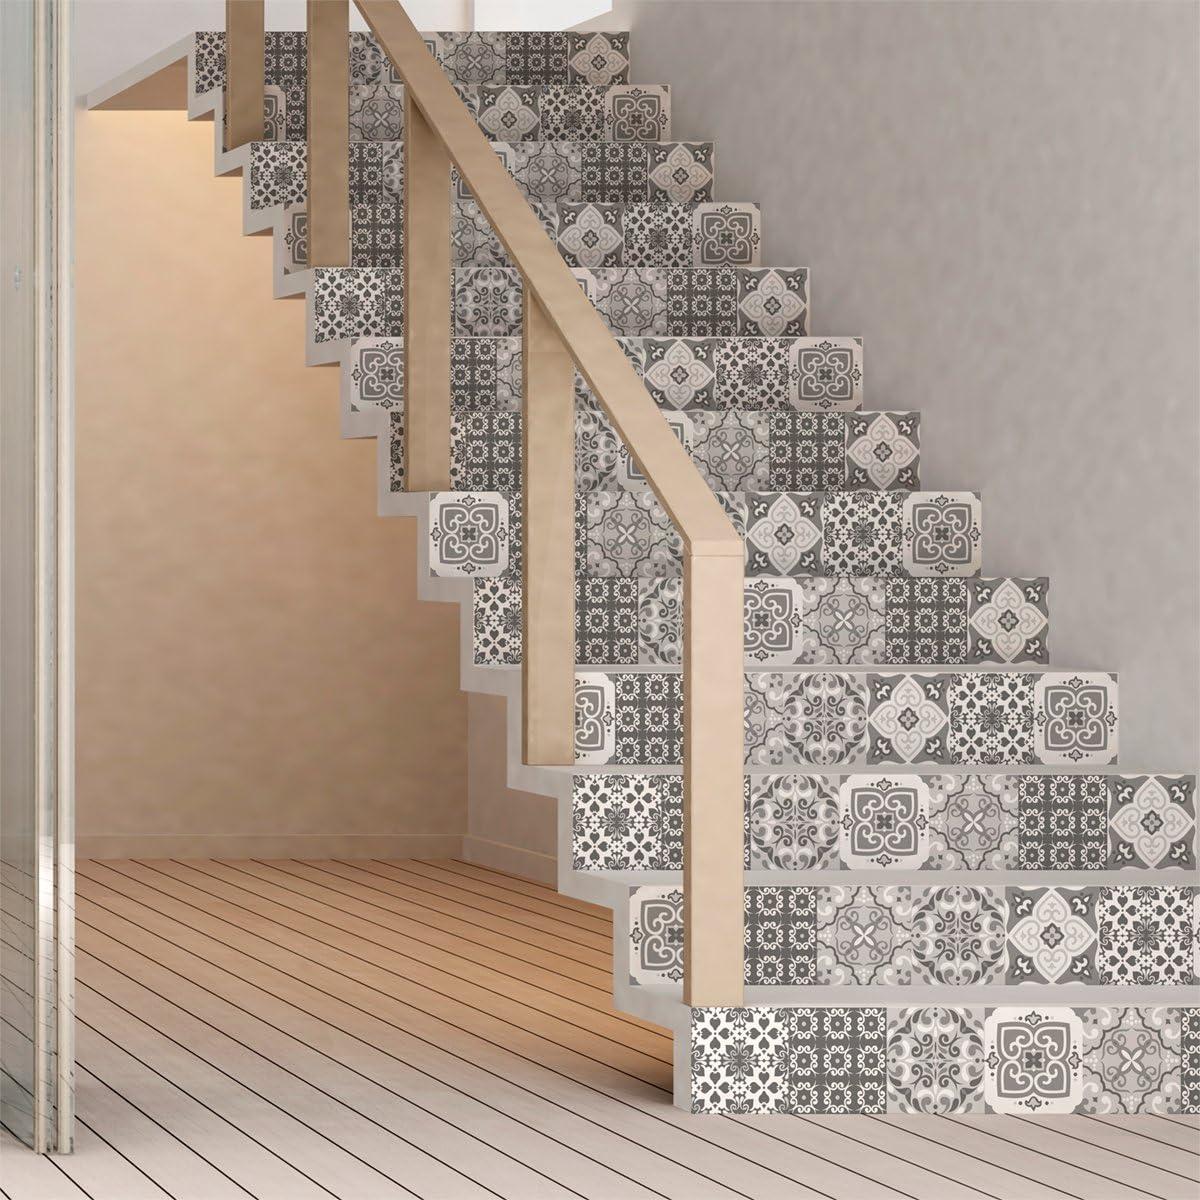 Escalier carreaux de ciment adh/ésif Stickers contremarche carrelages 2 bandes 15 x 105 cm Sticker Autocollant contremarche Carreaux de ciment azulejos Stickers adh/ésifs escalier carrelages